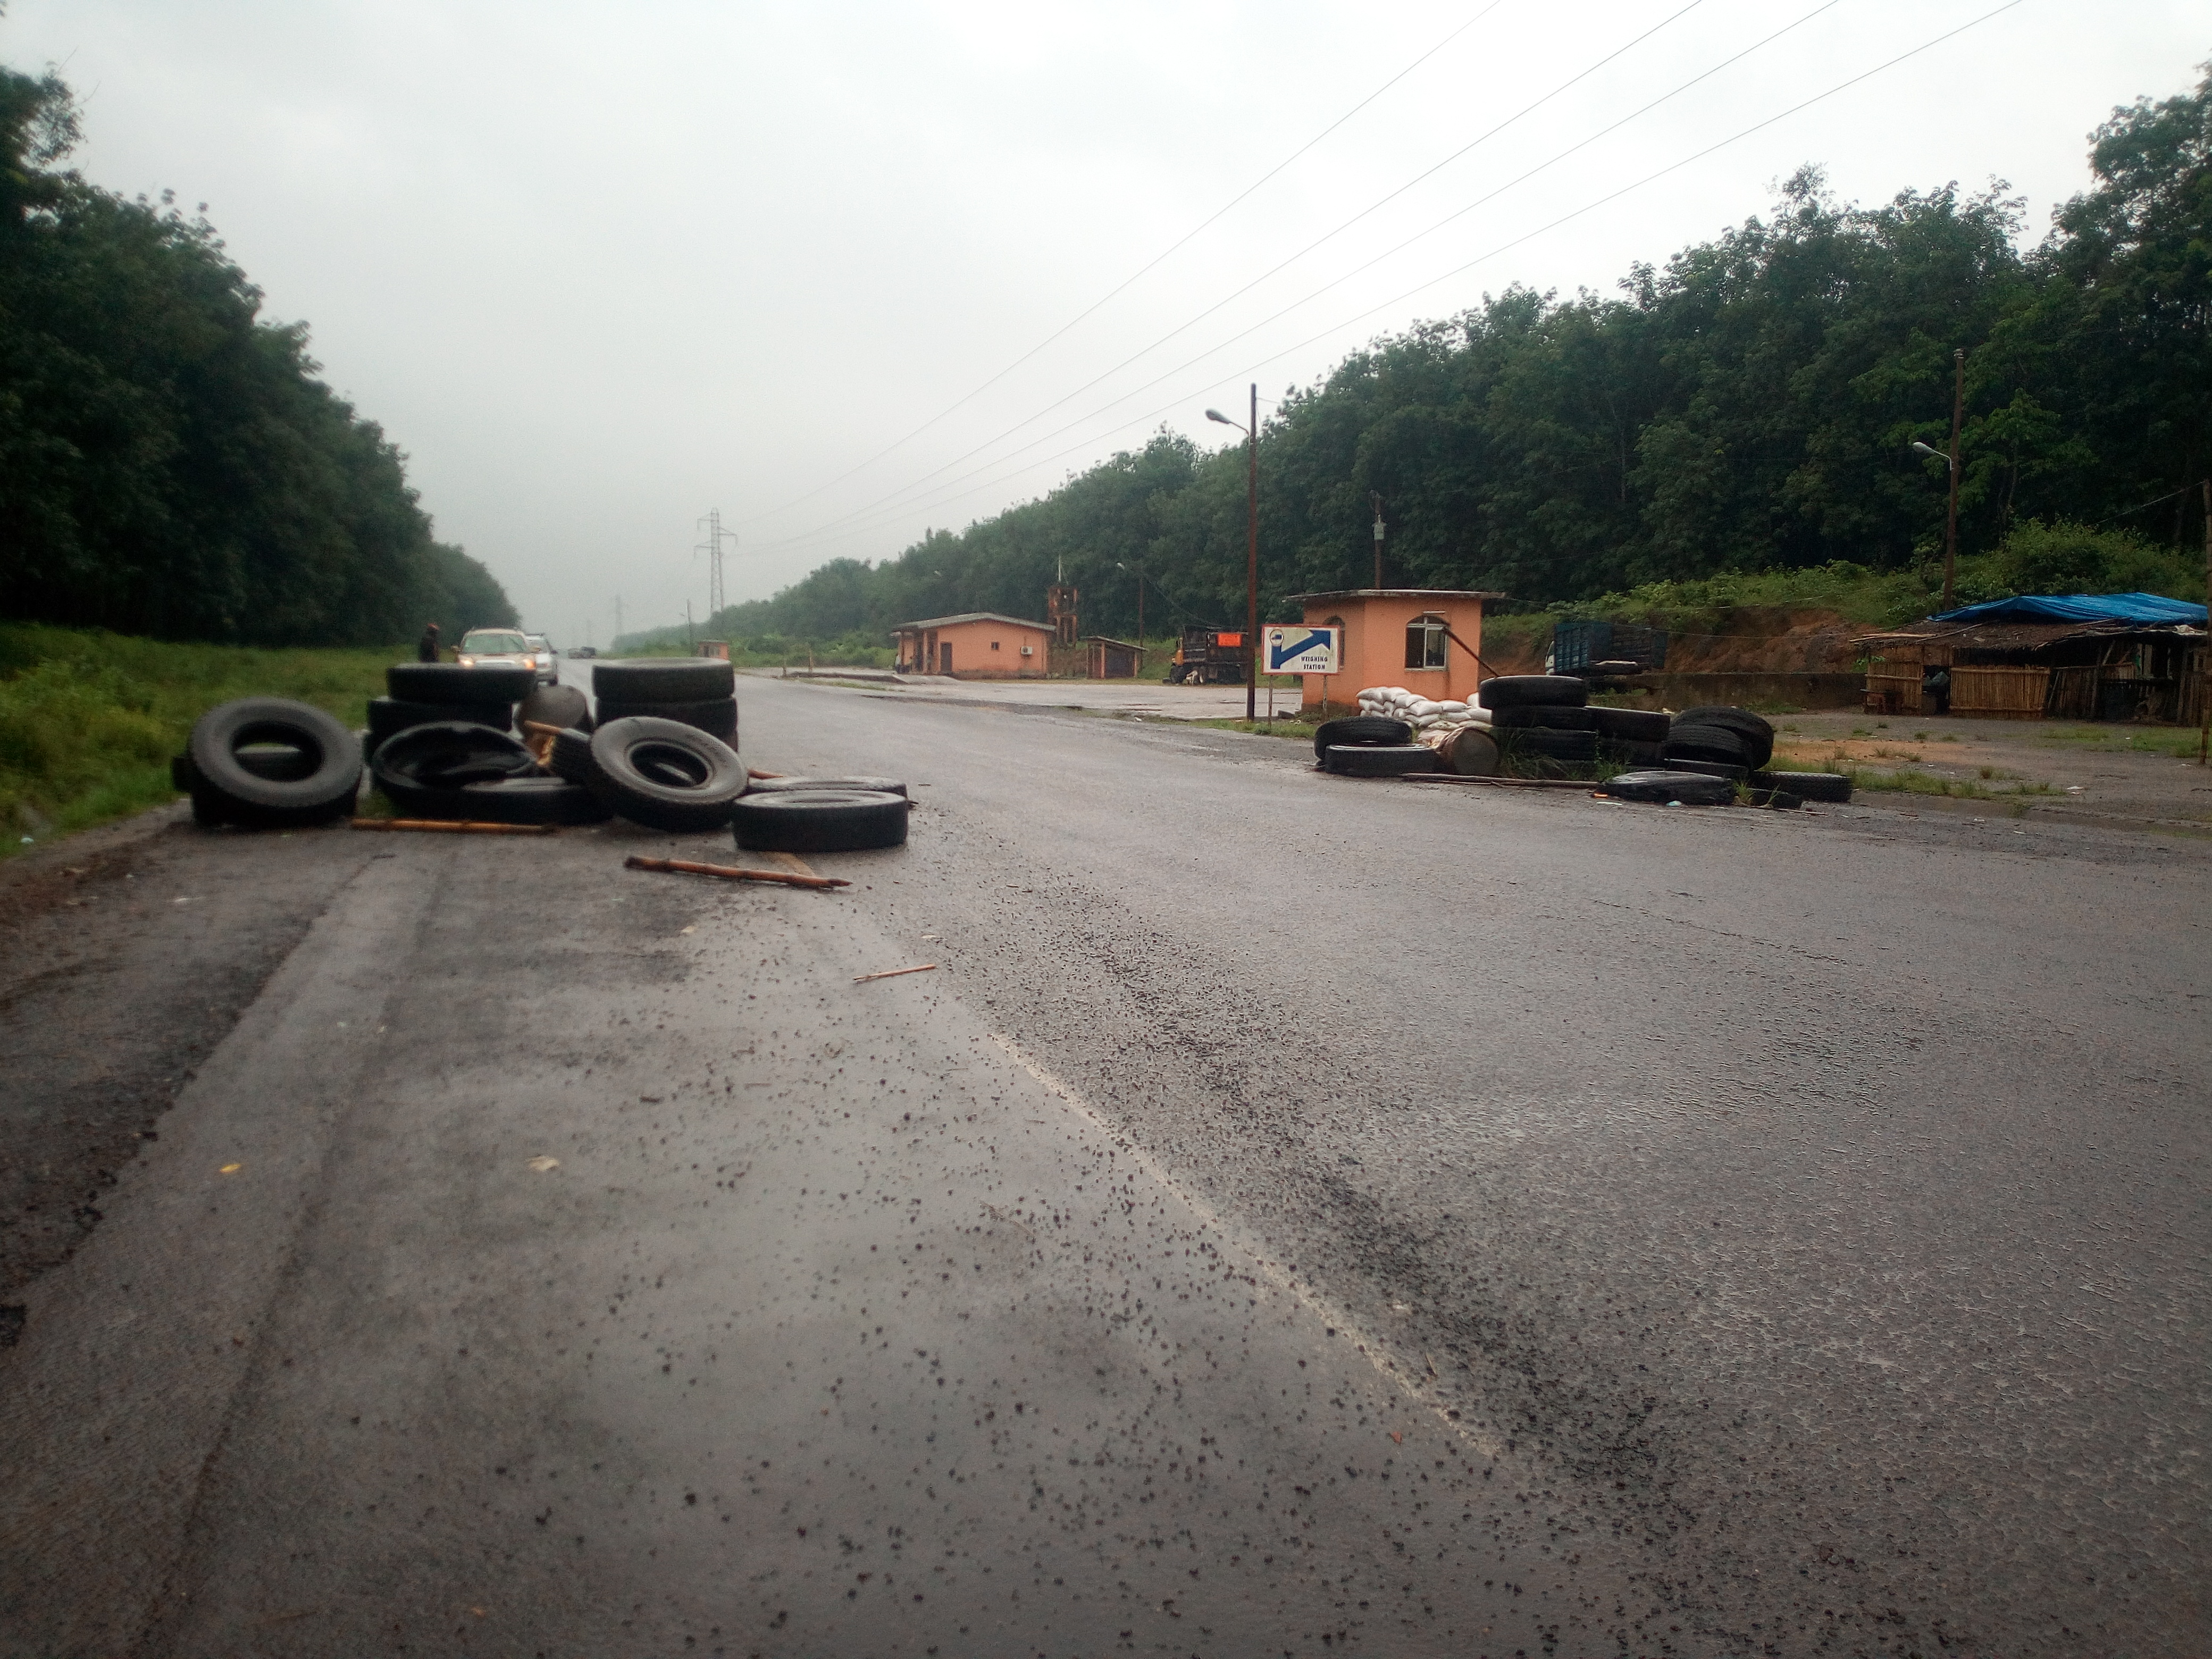 Un poste de contrôle sur la route Douala - Buea, à quelques kilomètres de la ville, durant l'opération